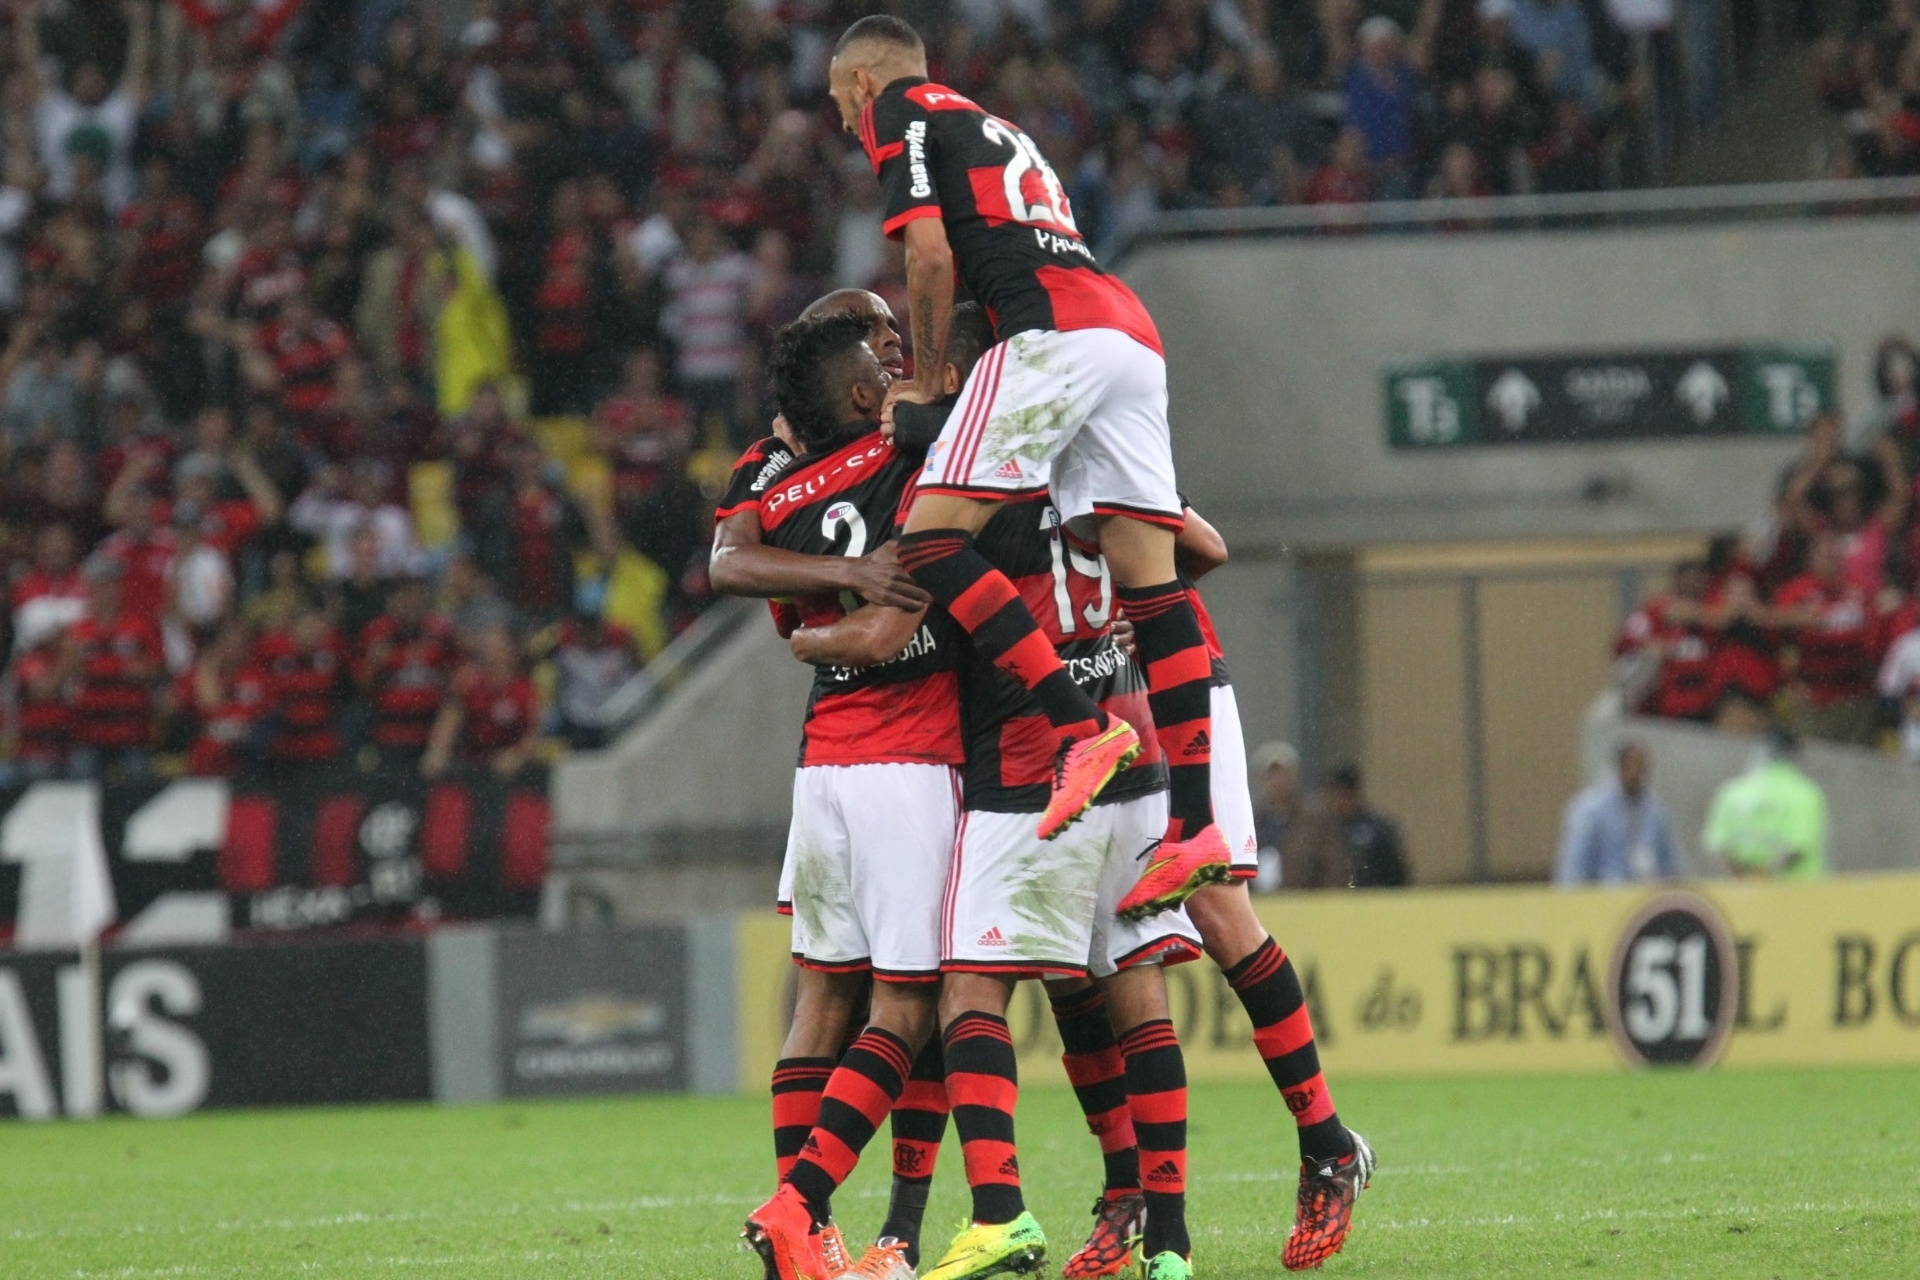 Jogadores do Flamengo se abraçam na comemoração do gol de Alecsandro - 27 julho 2014